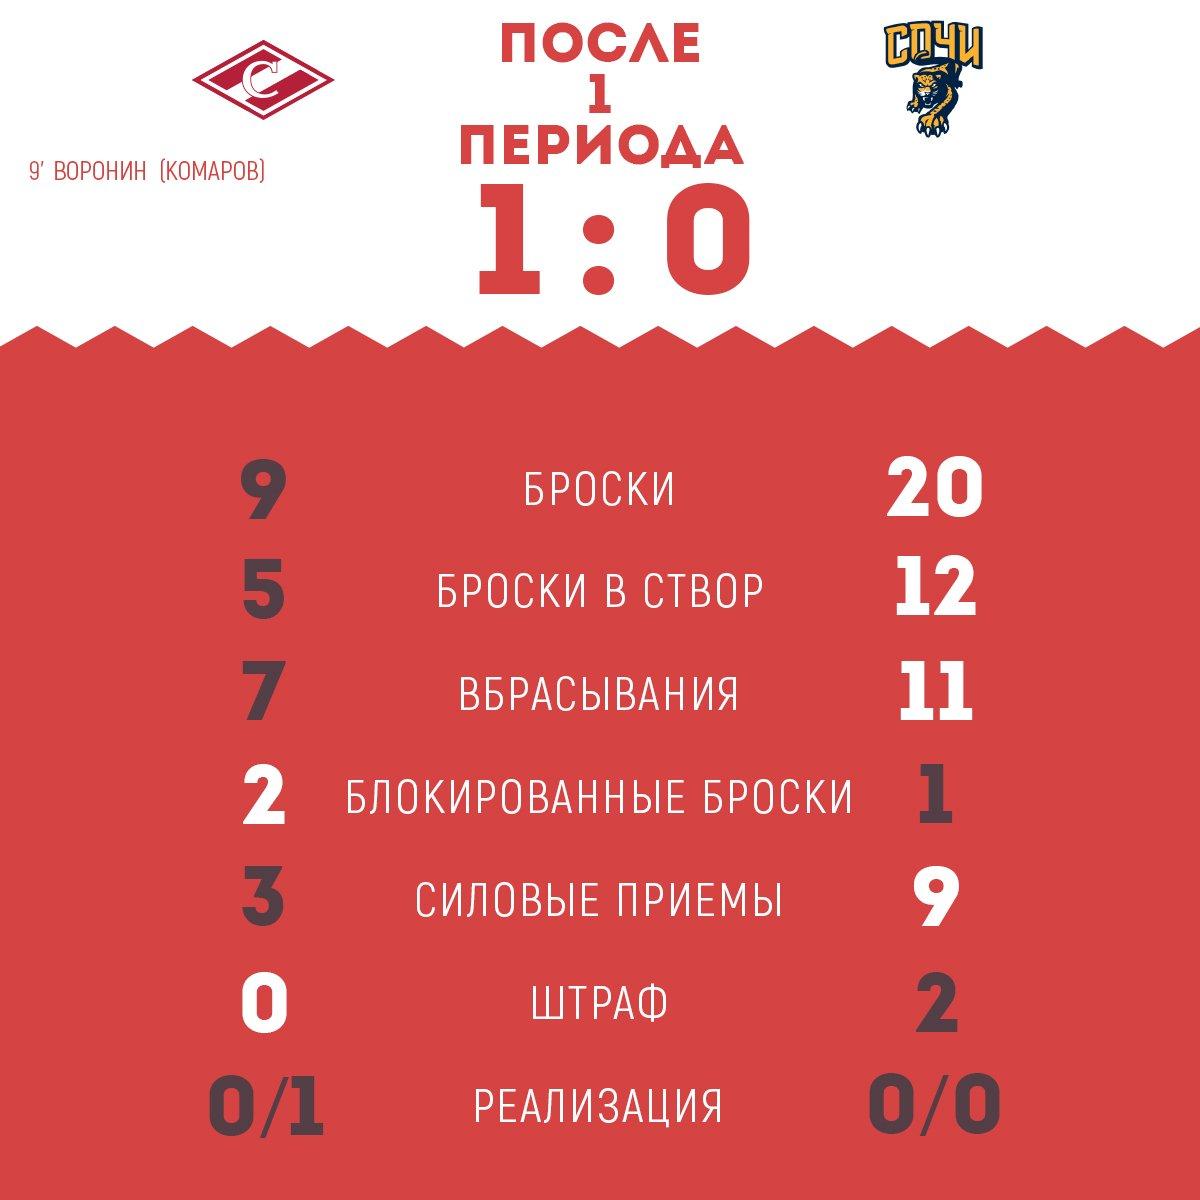 Статистика матча «Спартак» vs «Сочи» после 1-го периода